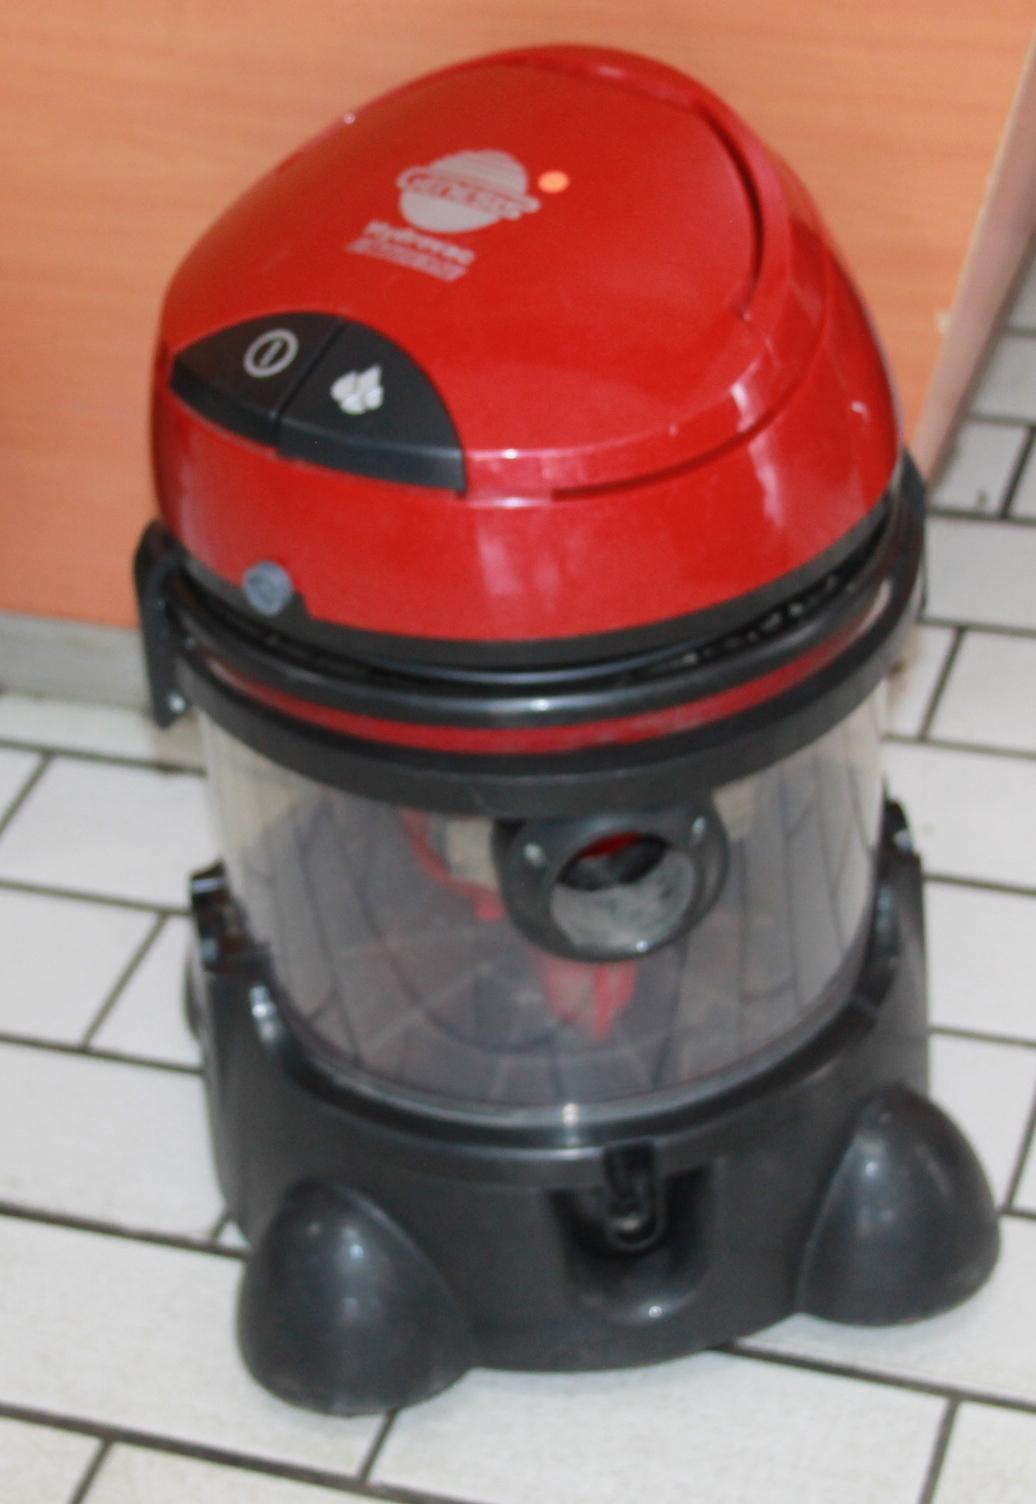 Vacuum Cleaner So33216a #Rosettenvillepawnshop